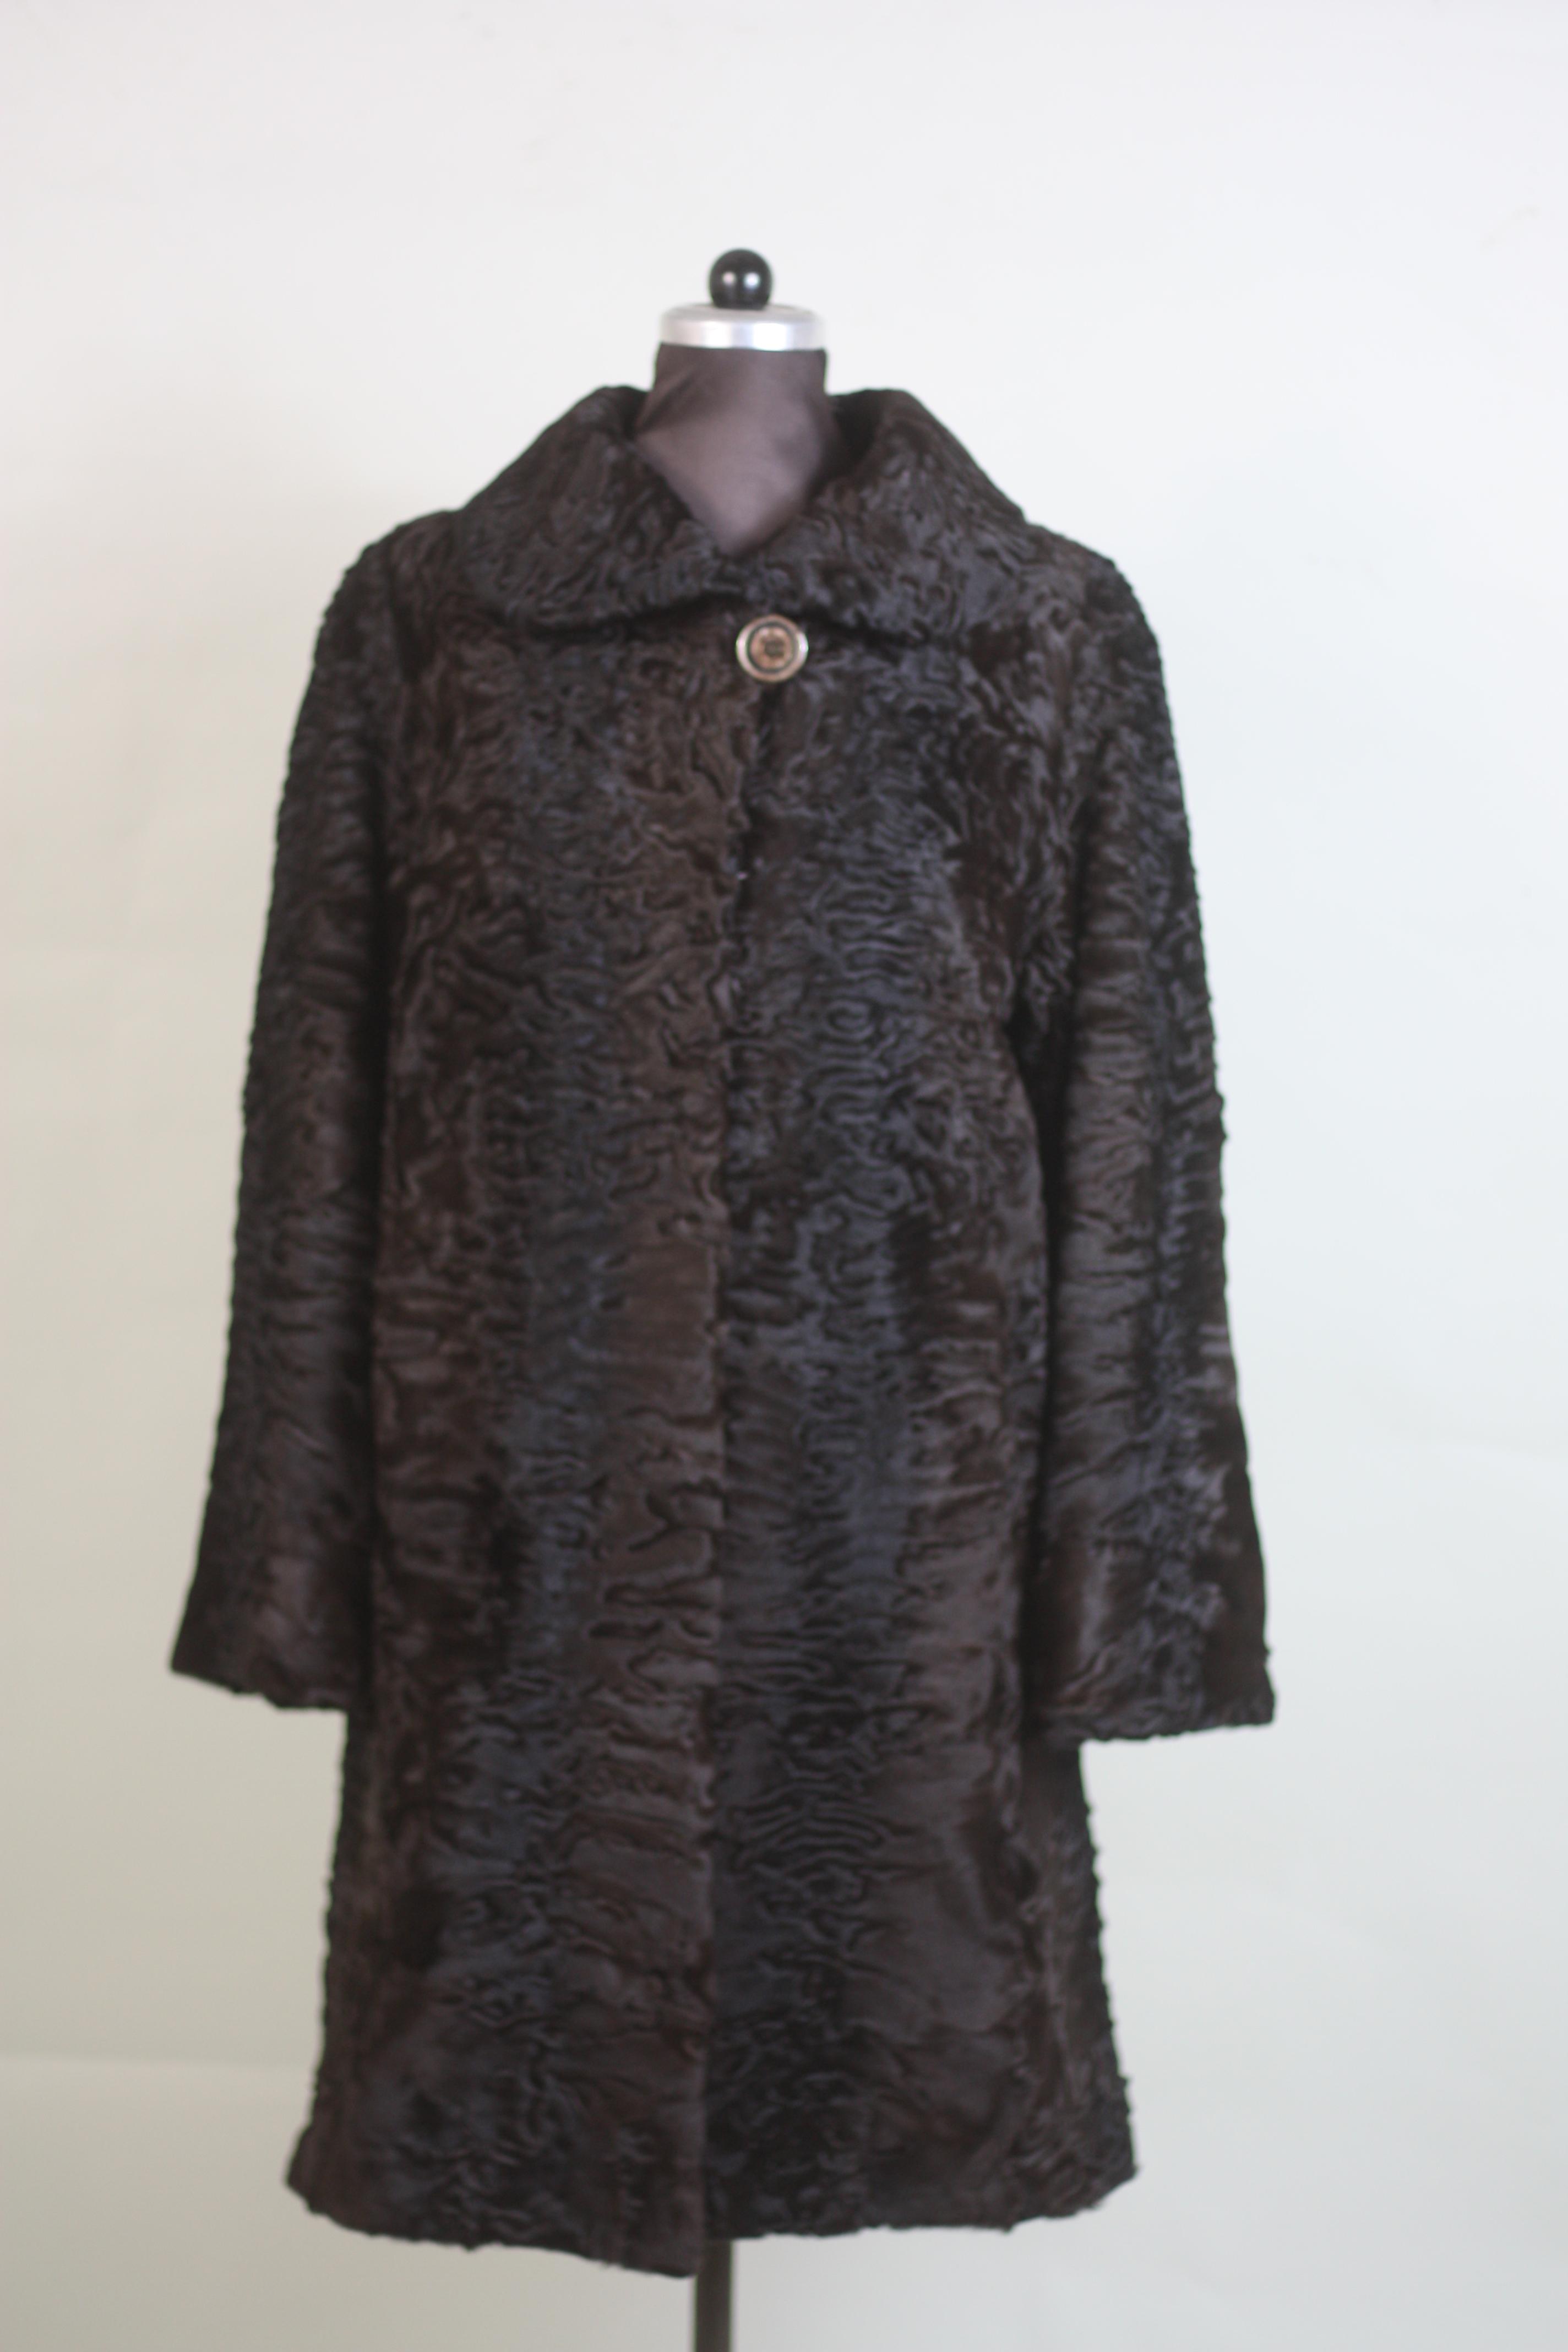 brown swakara lamb fur coat front view 3/4 length